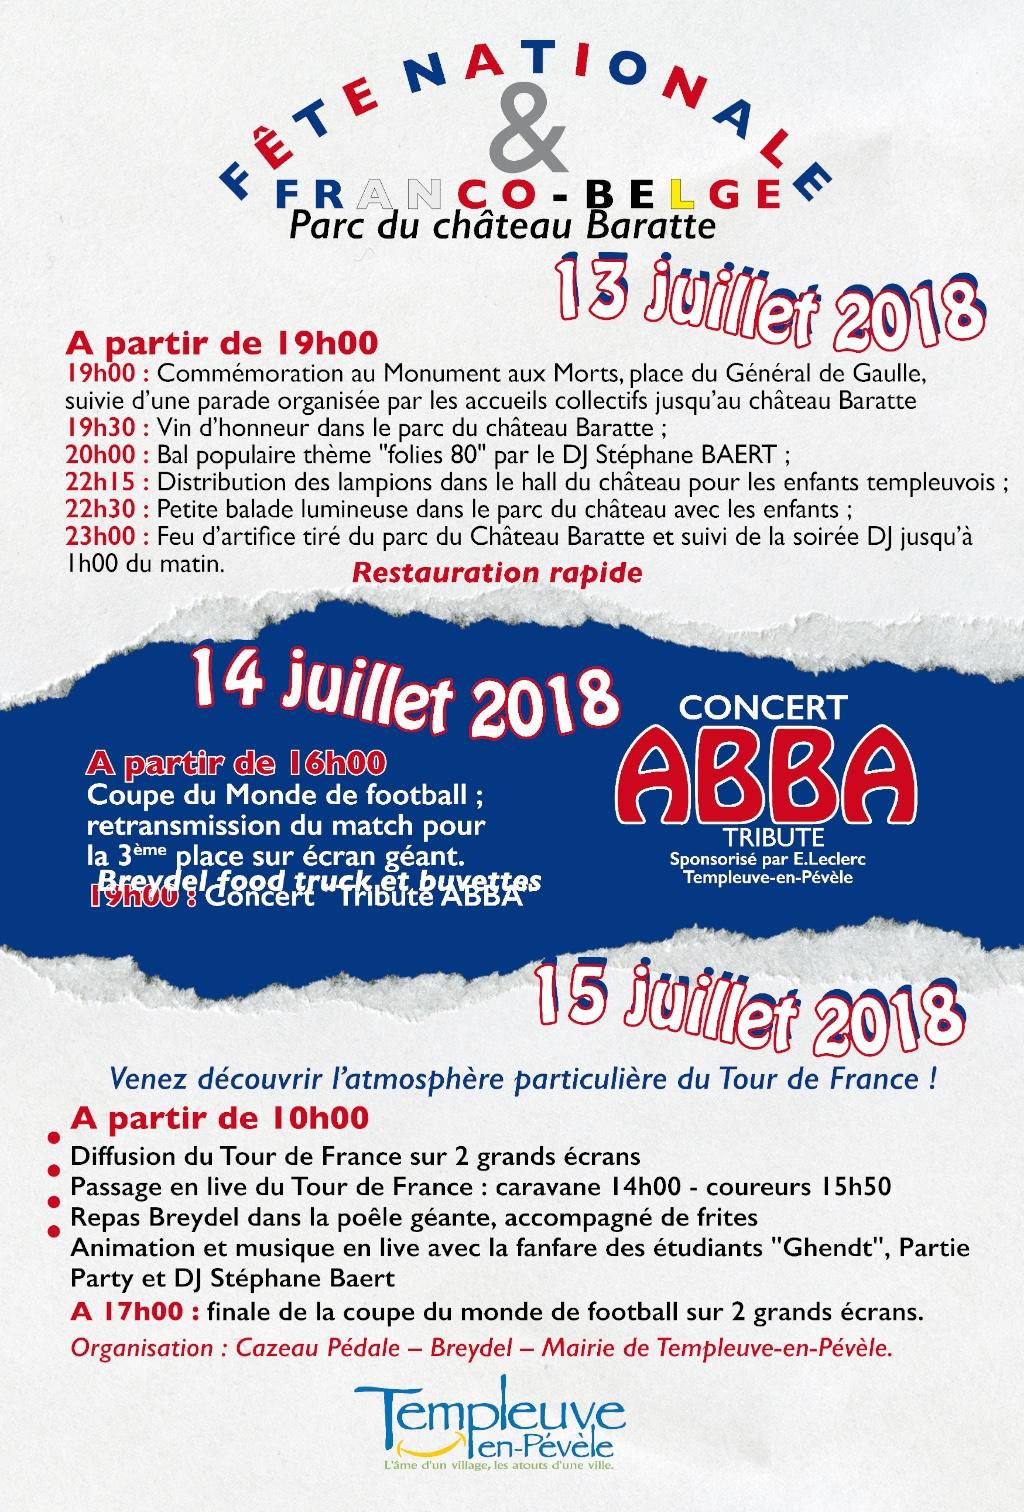 Fête nationale : 3 jours de festivités dans la parc du château Baratte